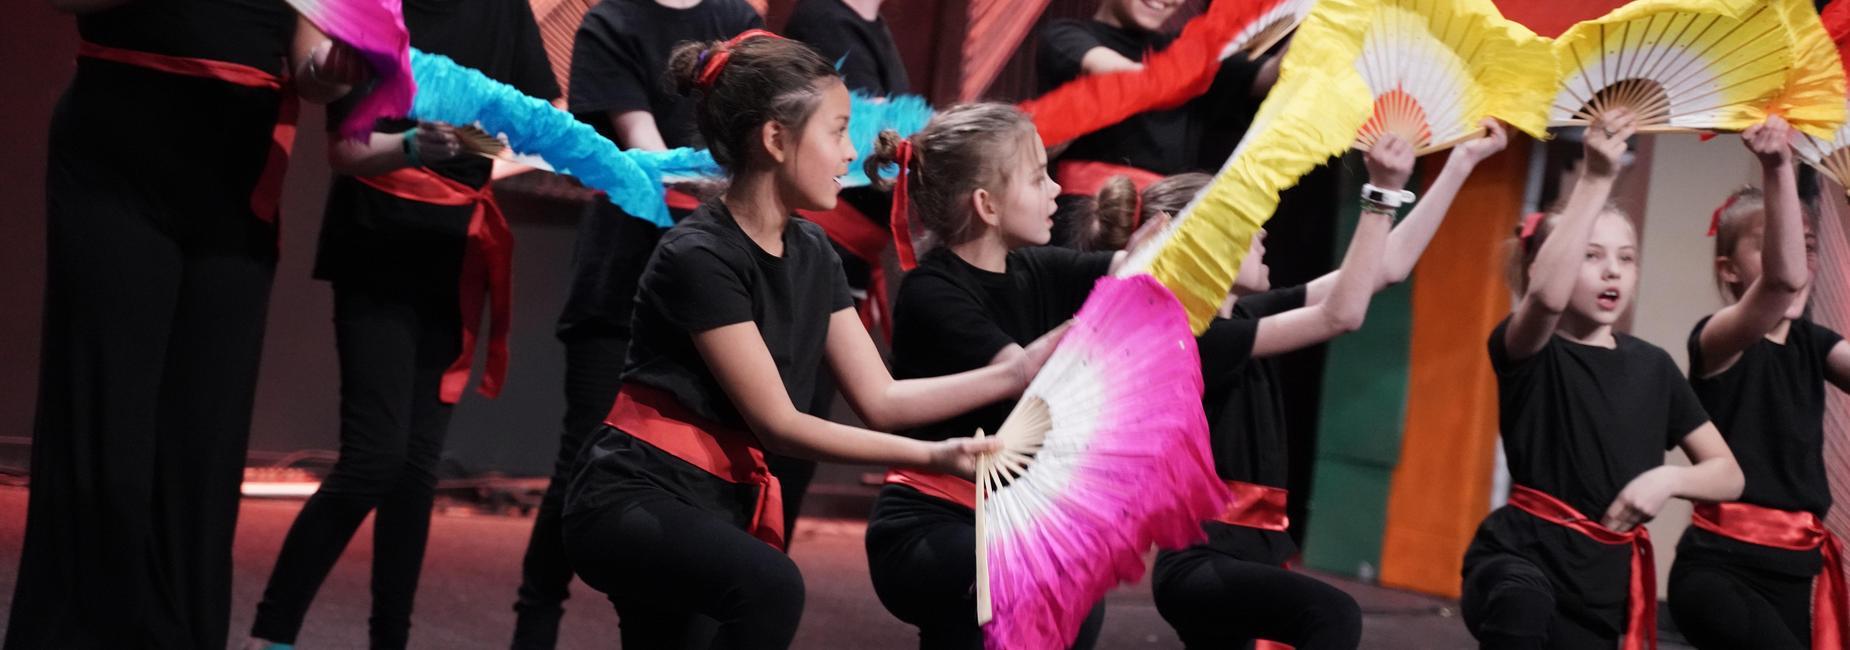 Students fan dancing